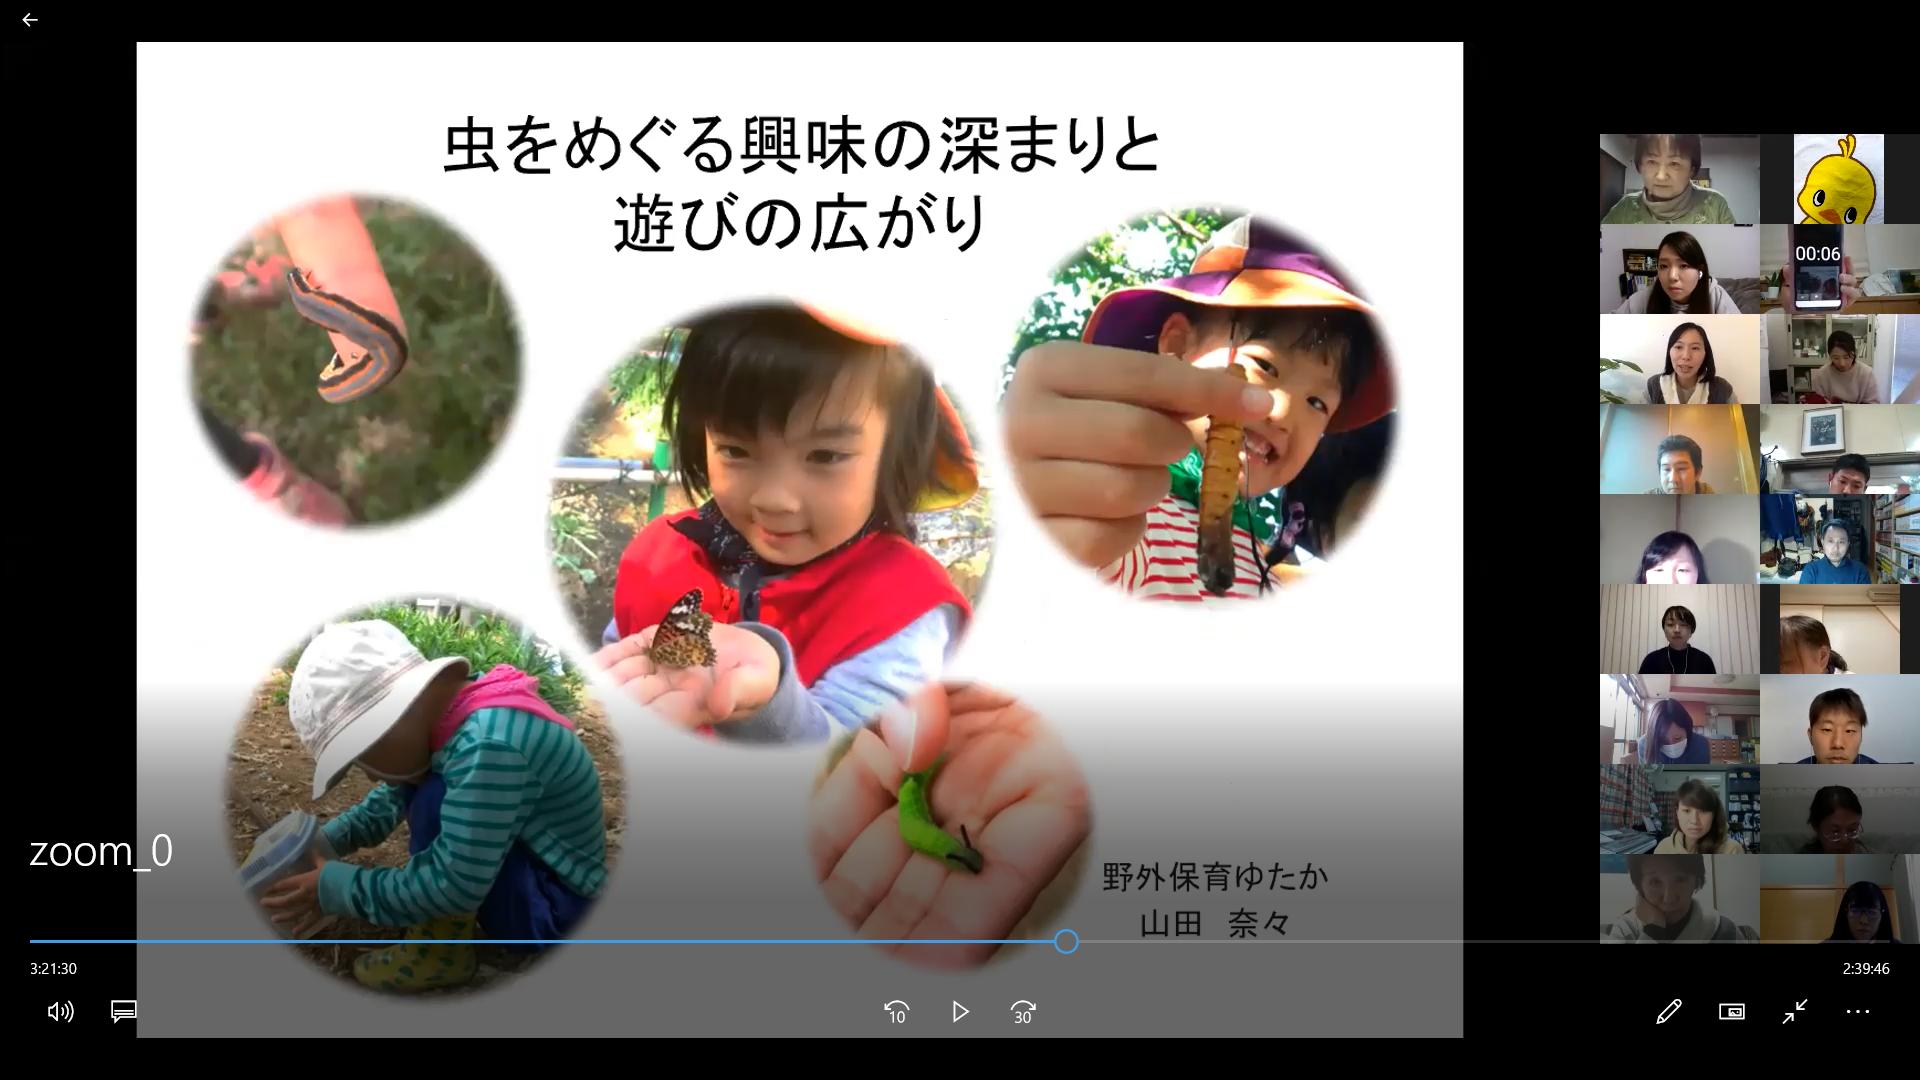 山田さんの発表